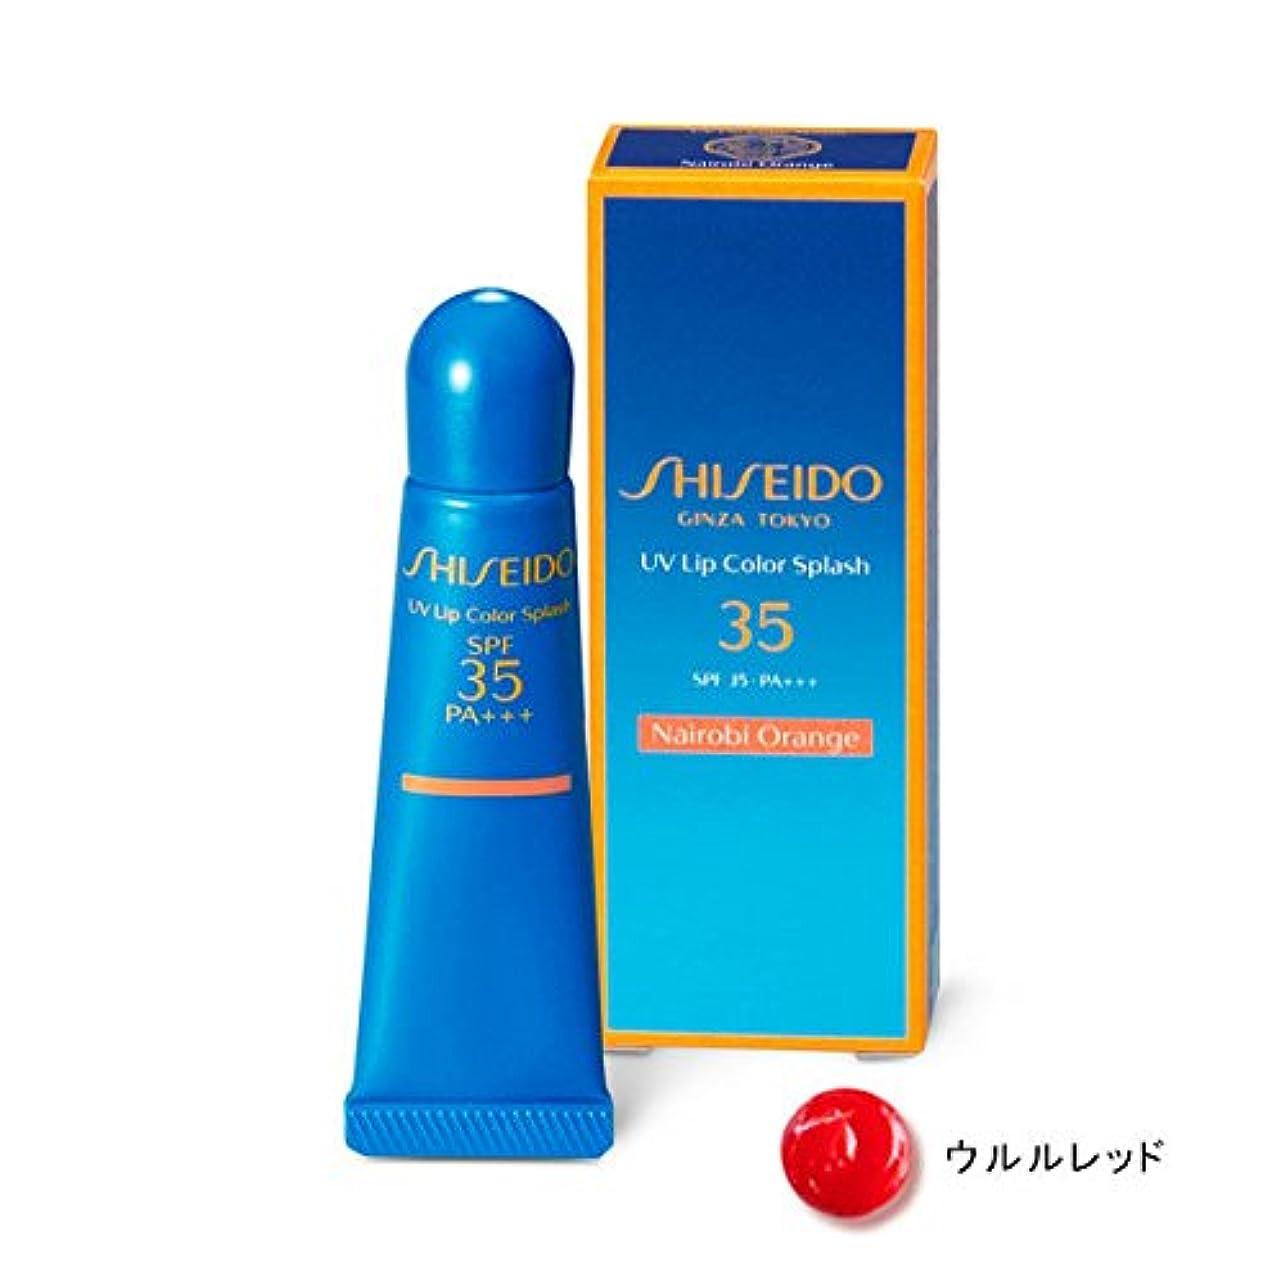 懲らしめ放棄されたエリートSHISEIDO Suncare(資生堂 サンケア) SHISEIDO(資生堂) UVリップカラースプラッシュ (ウルルレッド)